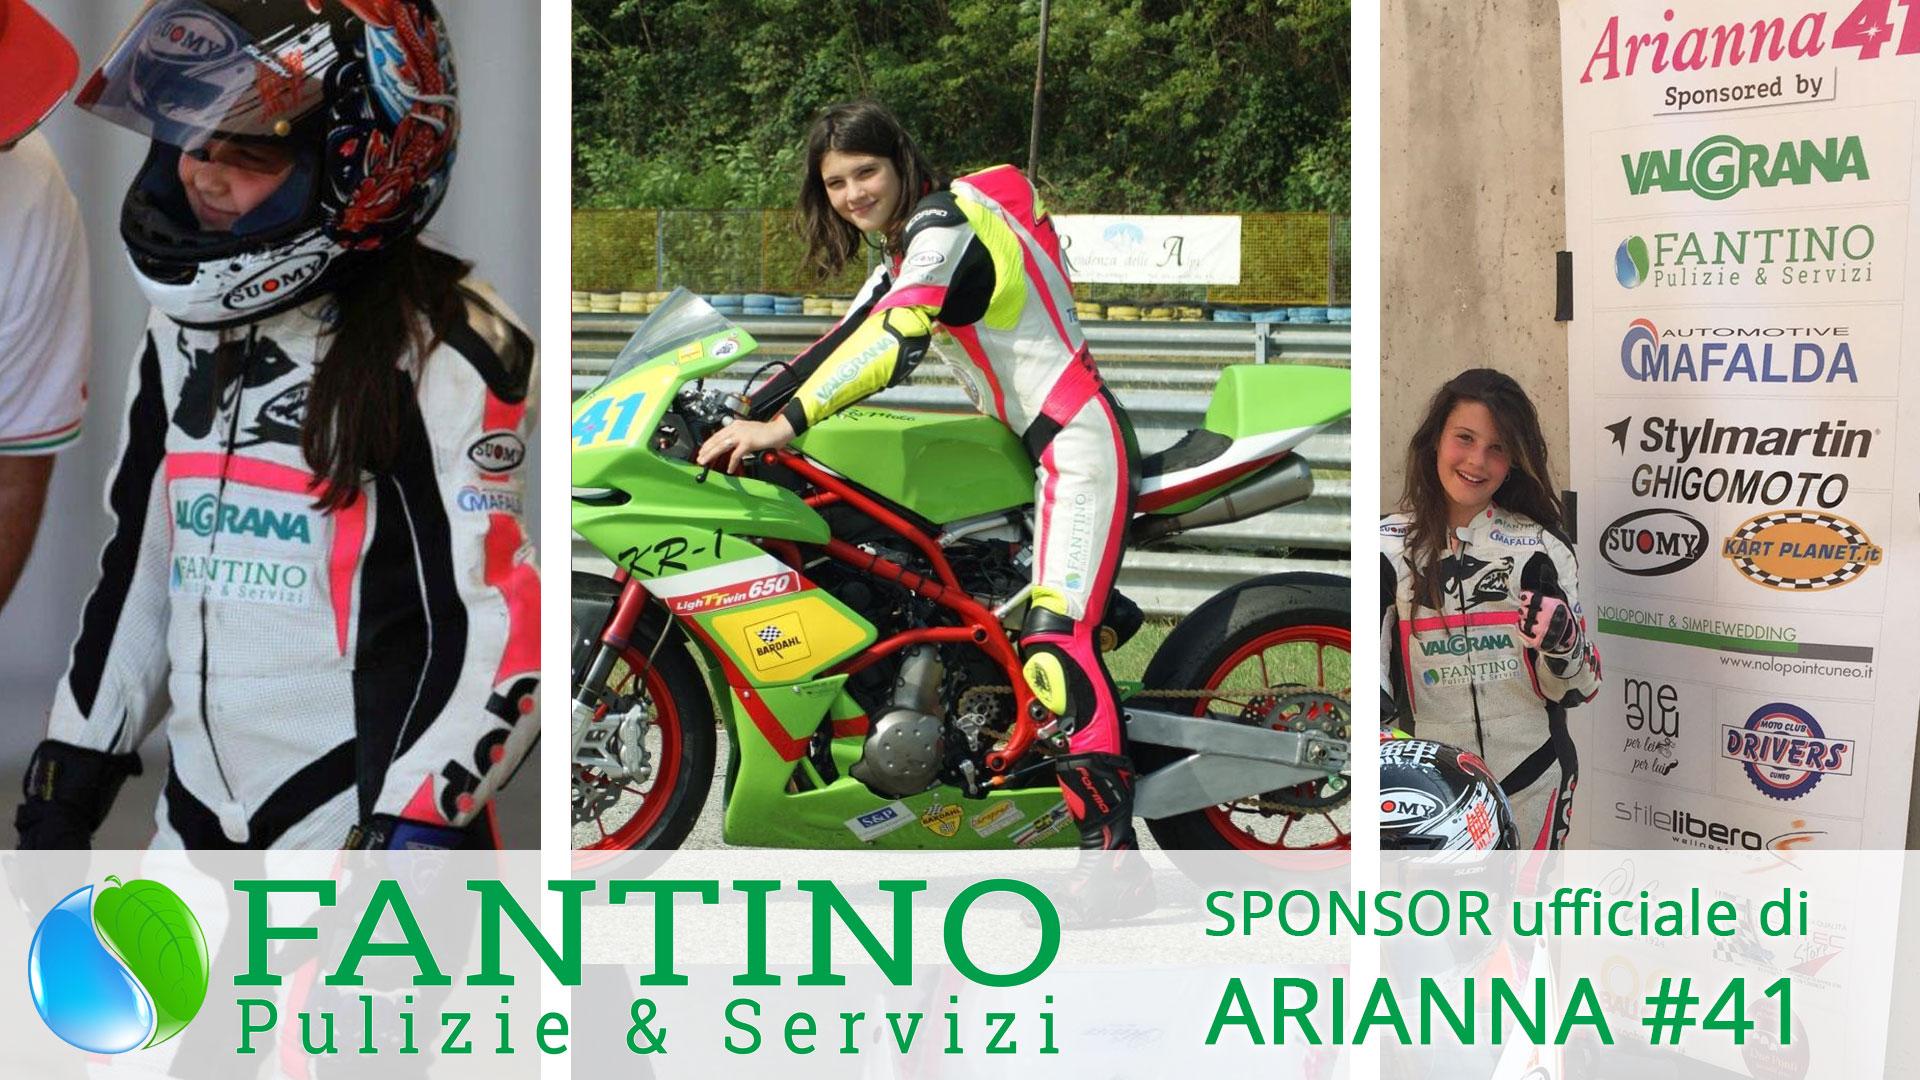 Anche quest'anno la Fantino Pulizie & Servizi è sponsor di Arianna # 41